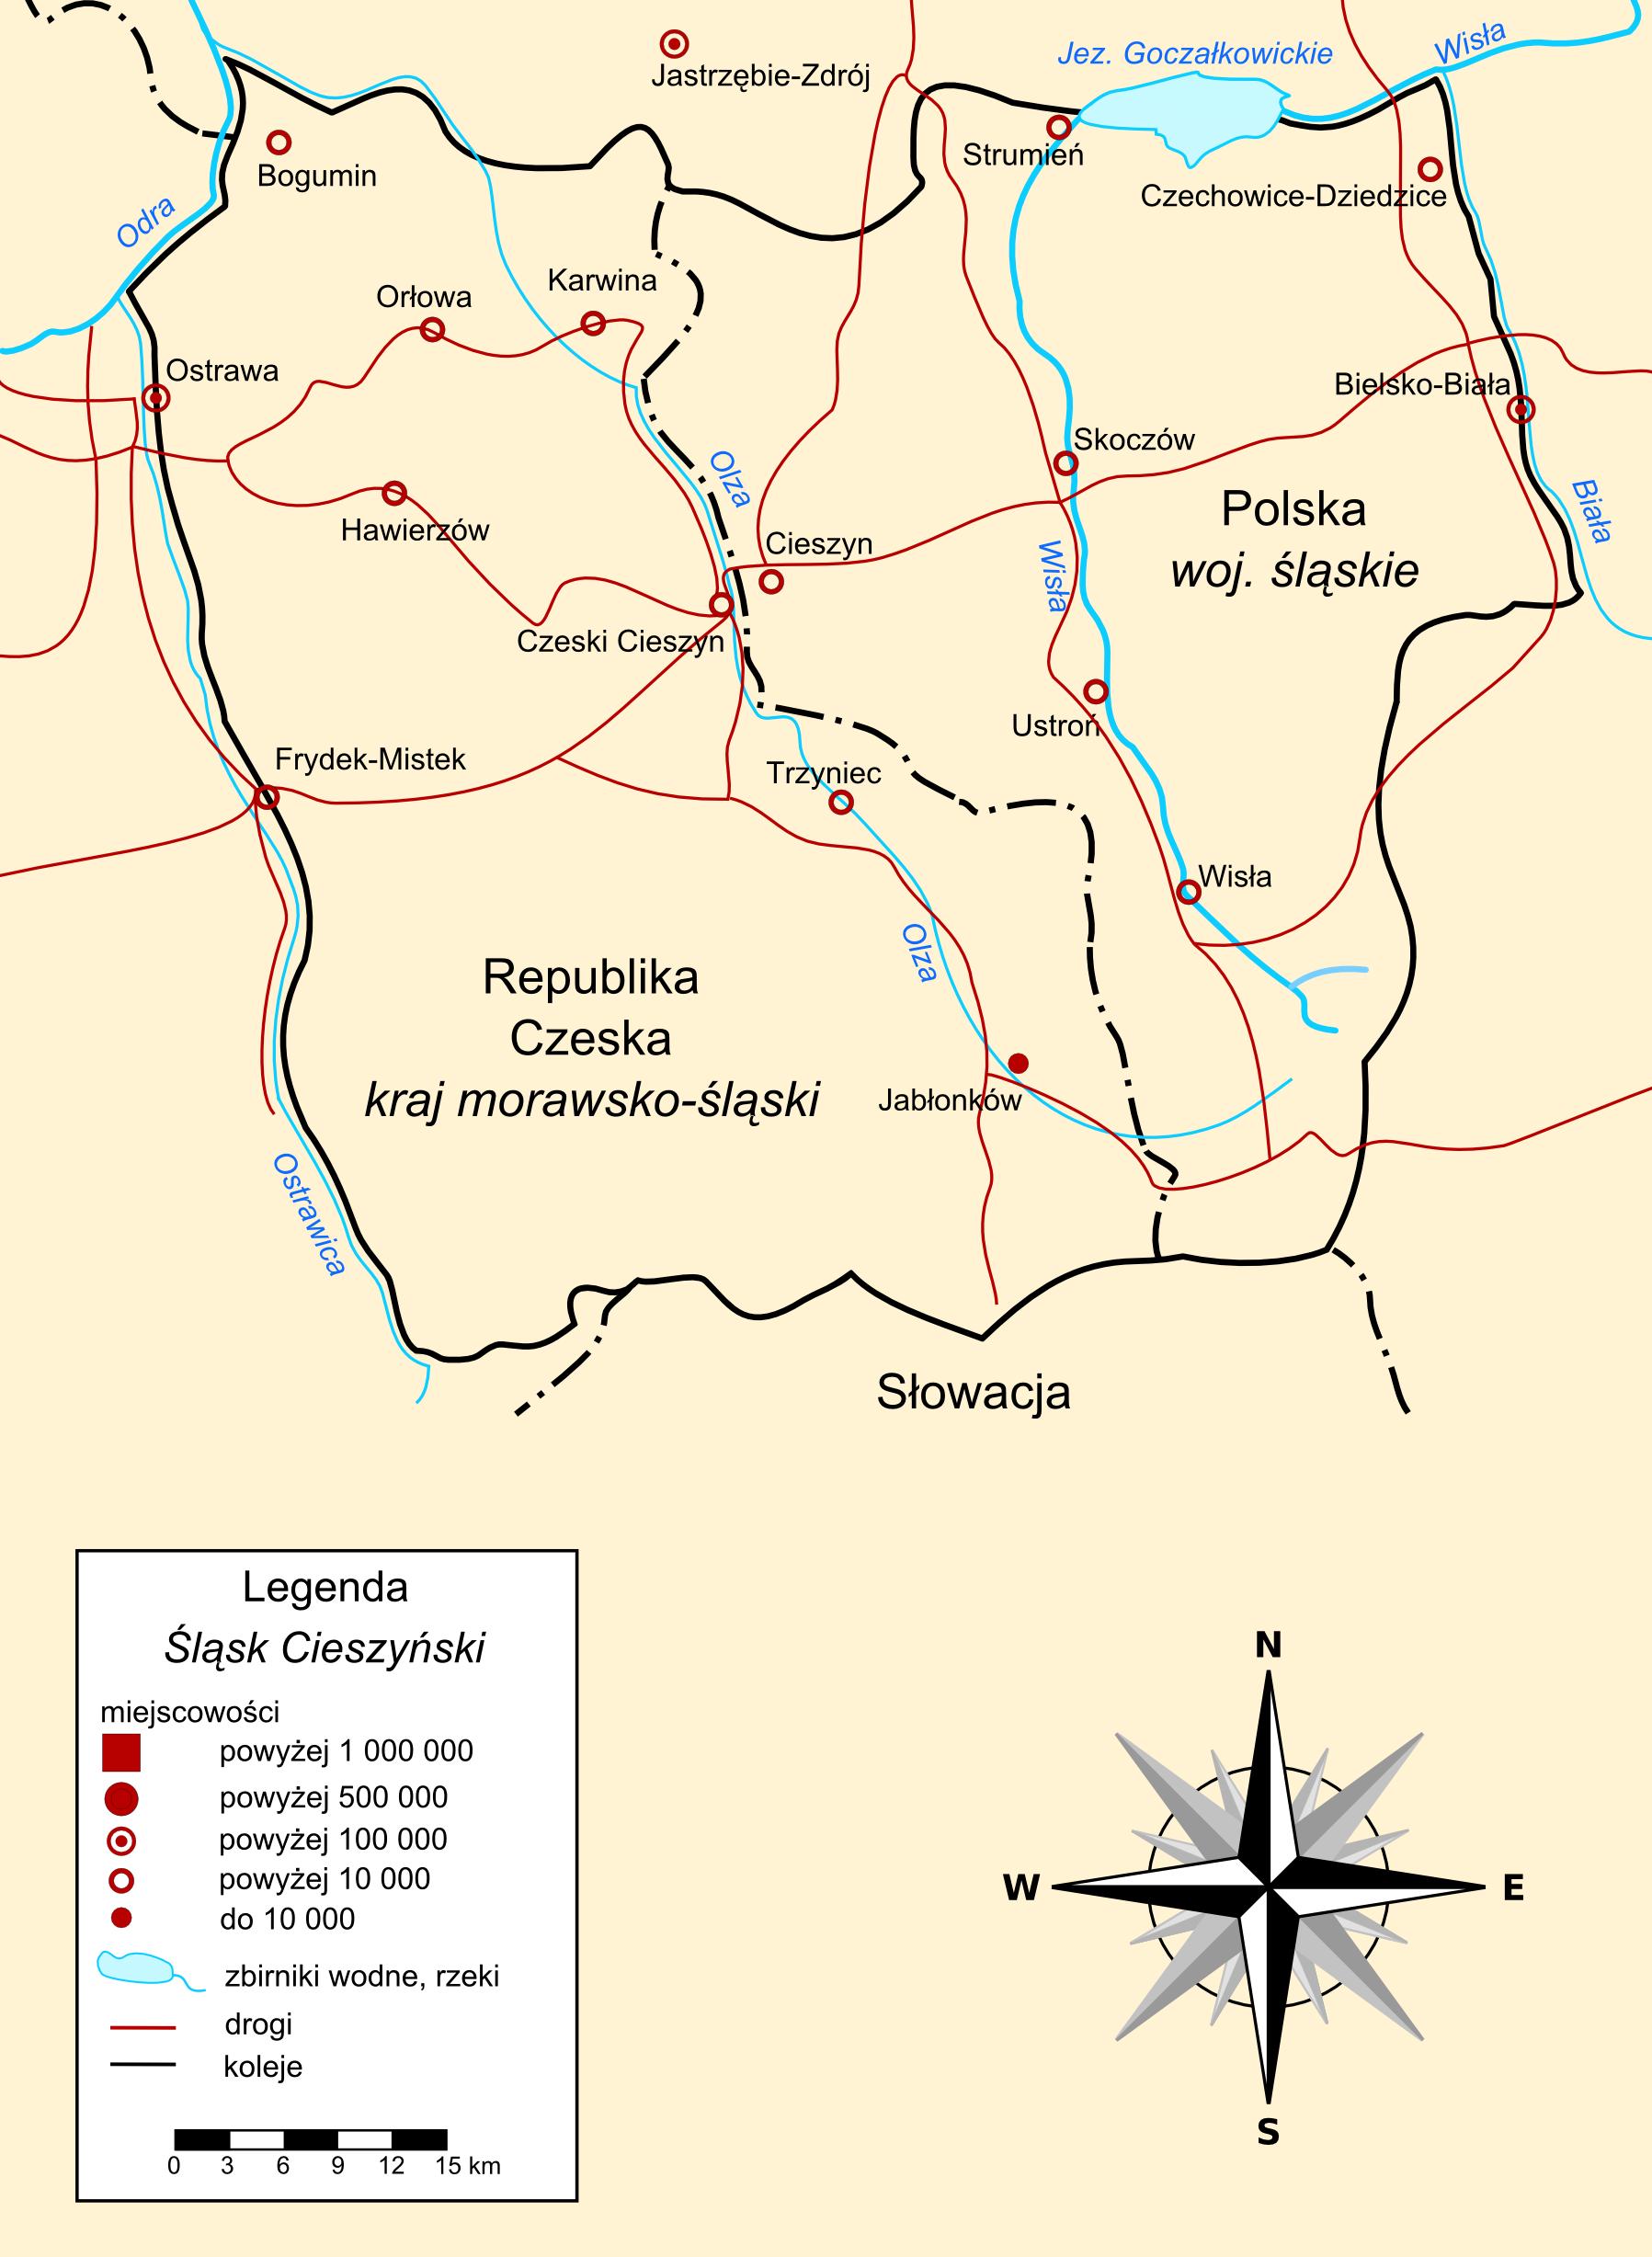 Voivodato Della Slesia Polonia slesia di cieszyn - wikipedia